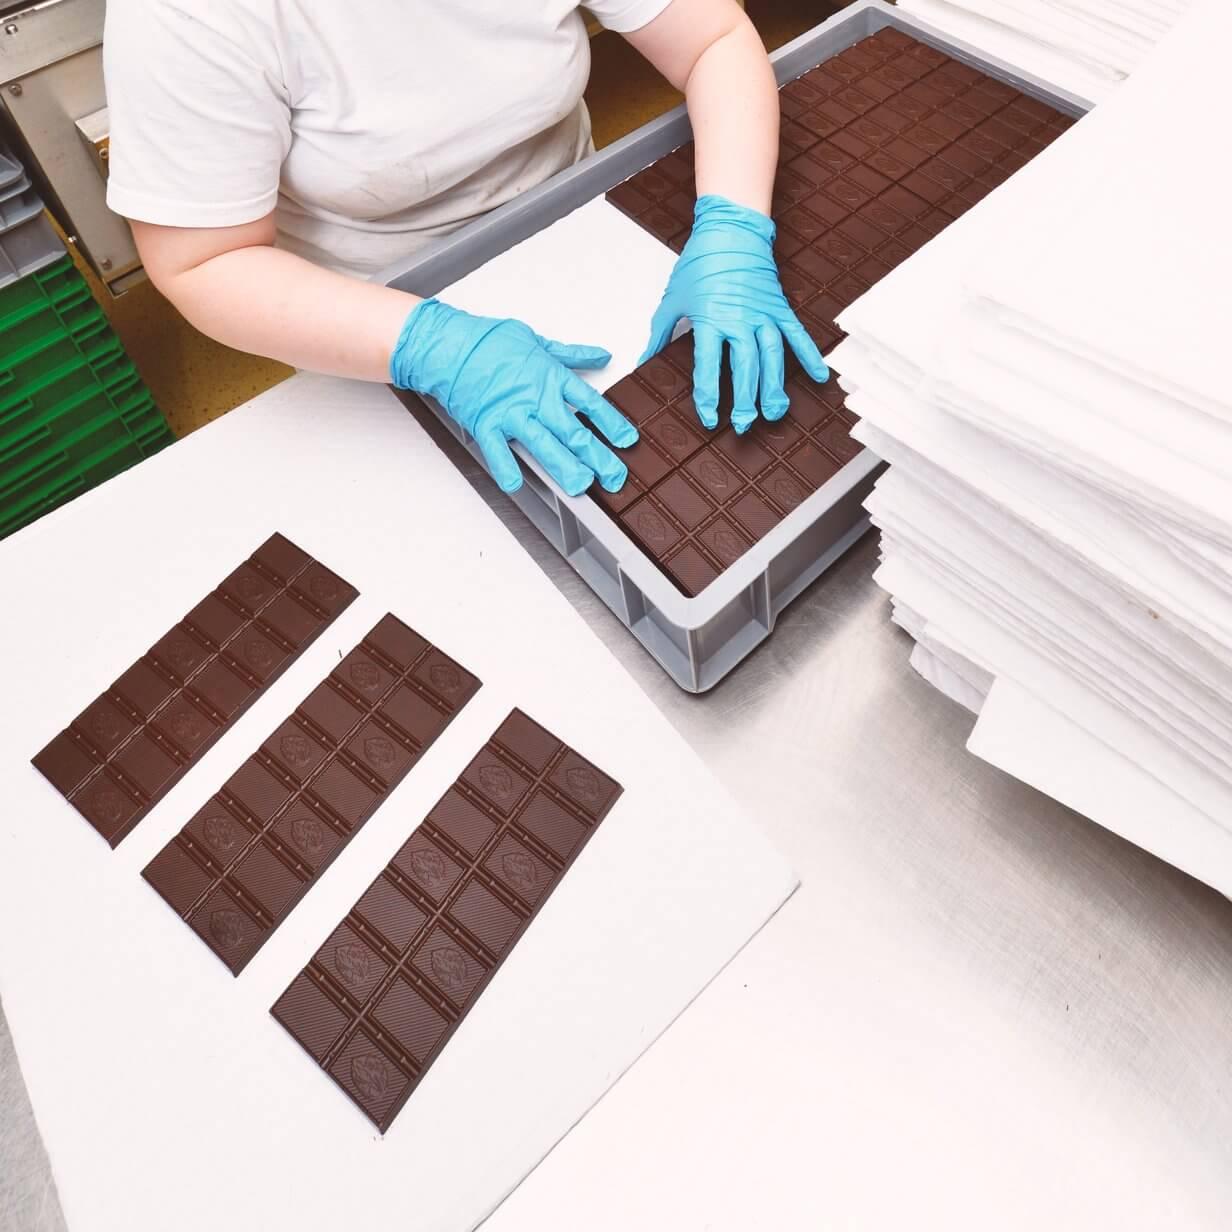 Schokoladen- und Süßwarenproduktion